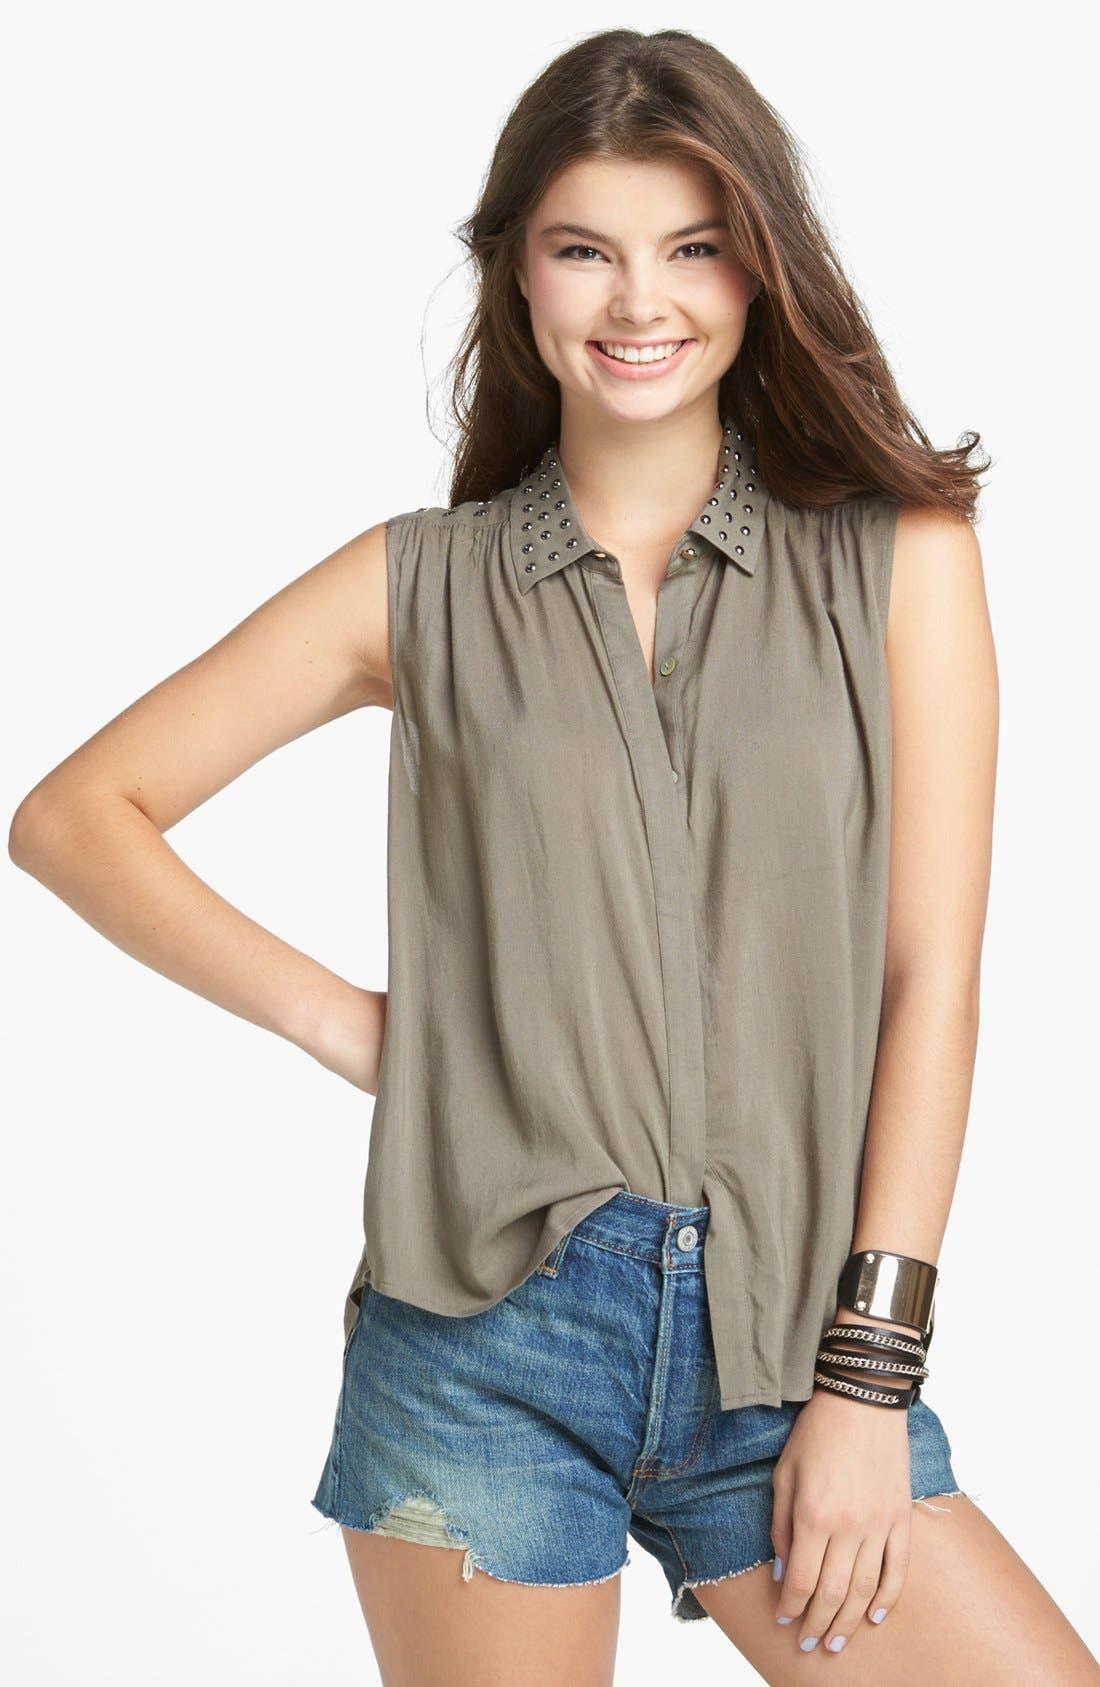 Alternate Image 1 Selected - Chloe K Studded Yoke Sleeveless Shirt (Juniors)